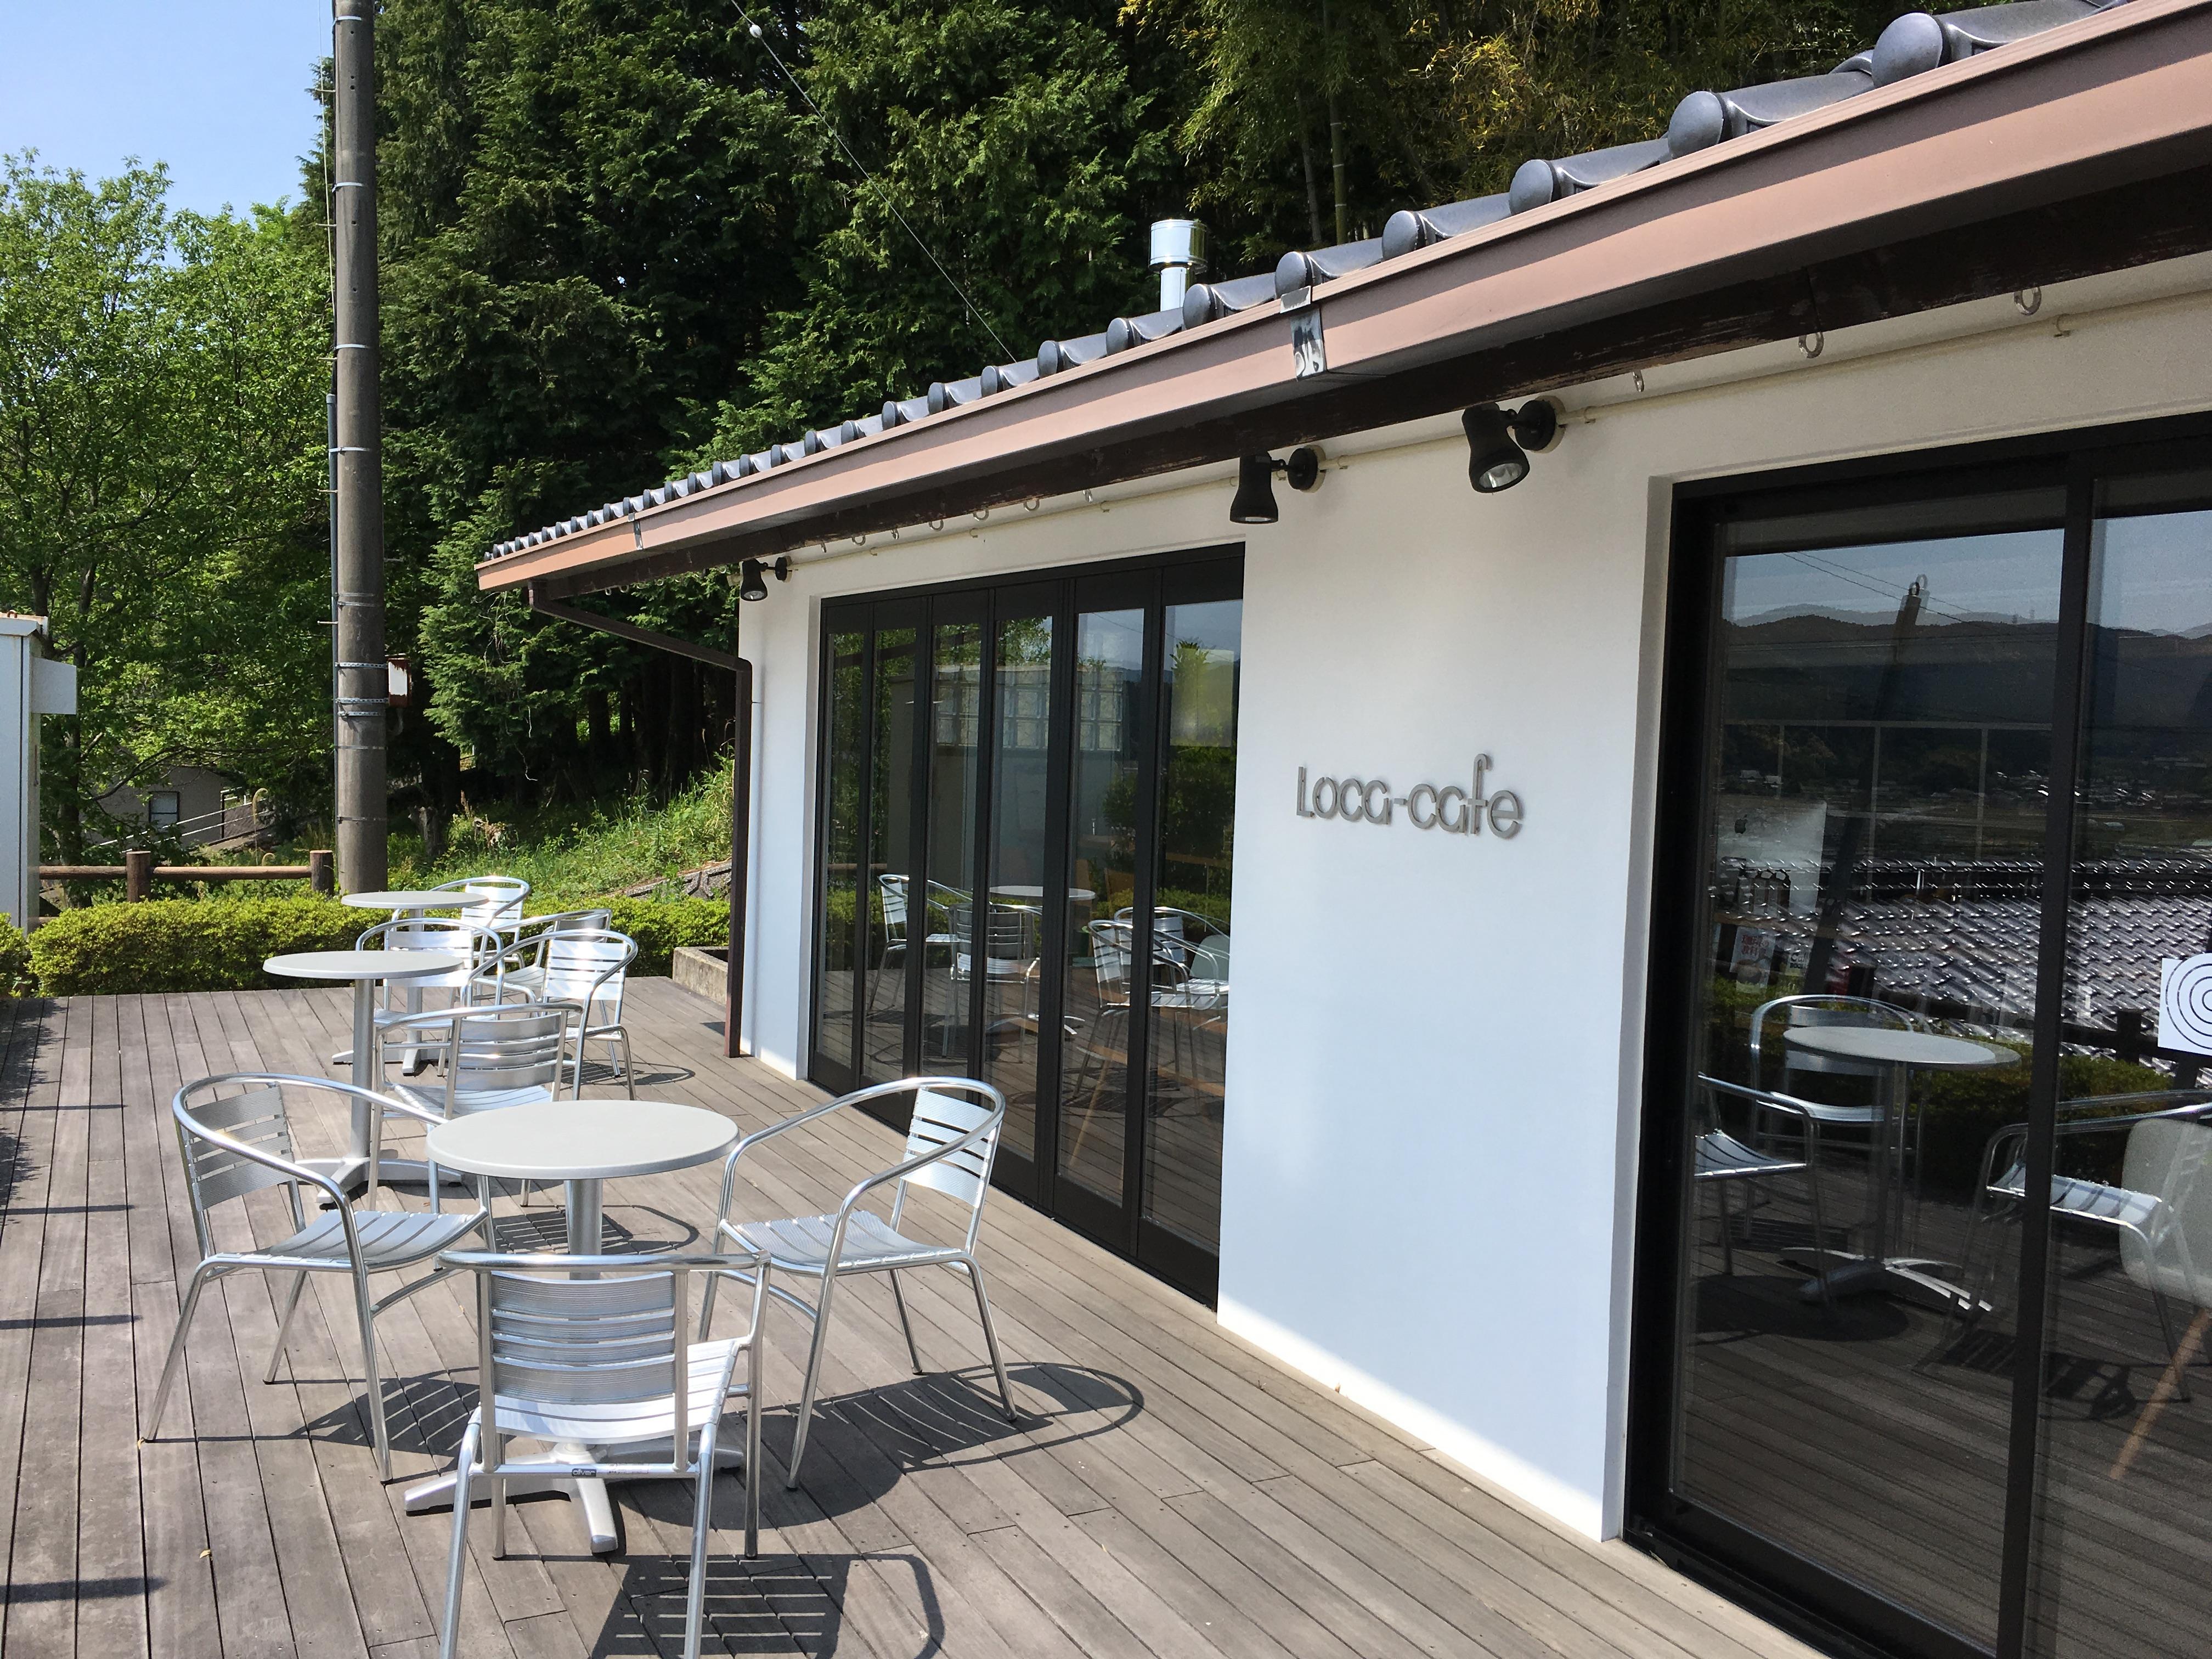 お米といちごの組み合わせが新感覚!「宇和米博物館」にある「Loca-cafe」で「いちご×ライススムージー」を飲んで来ました!